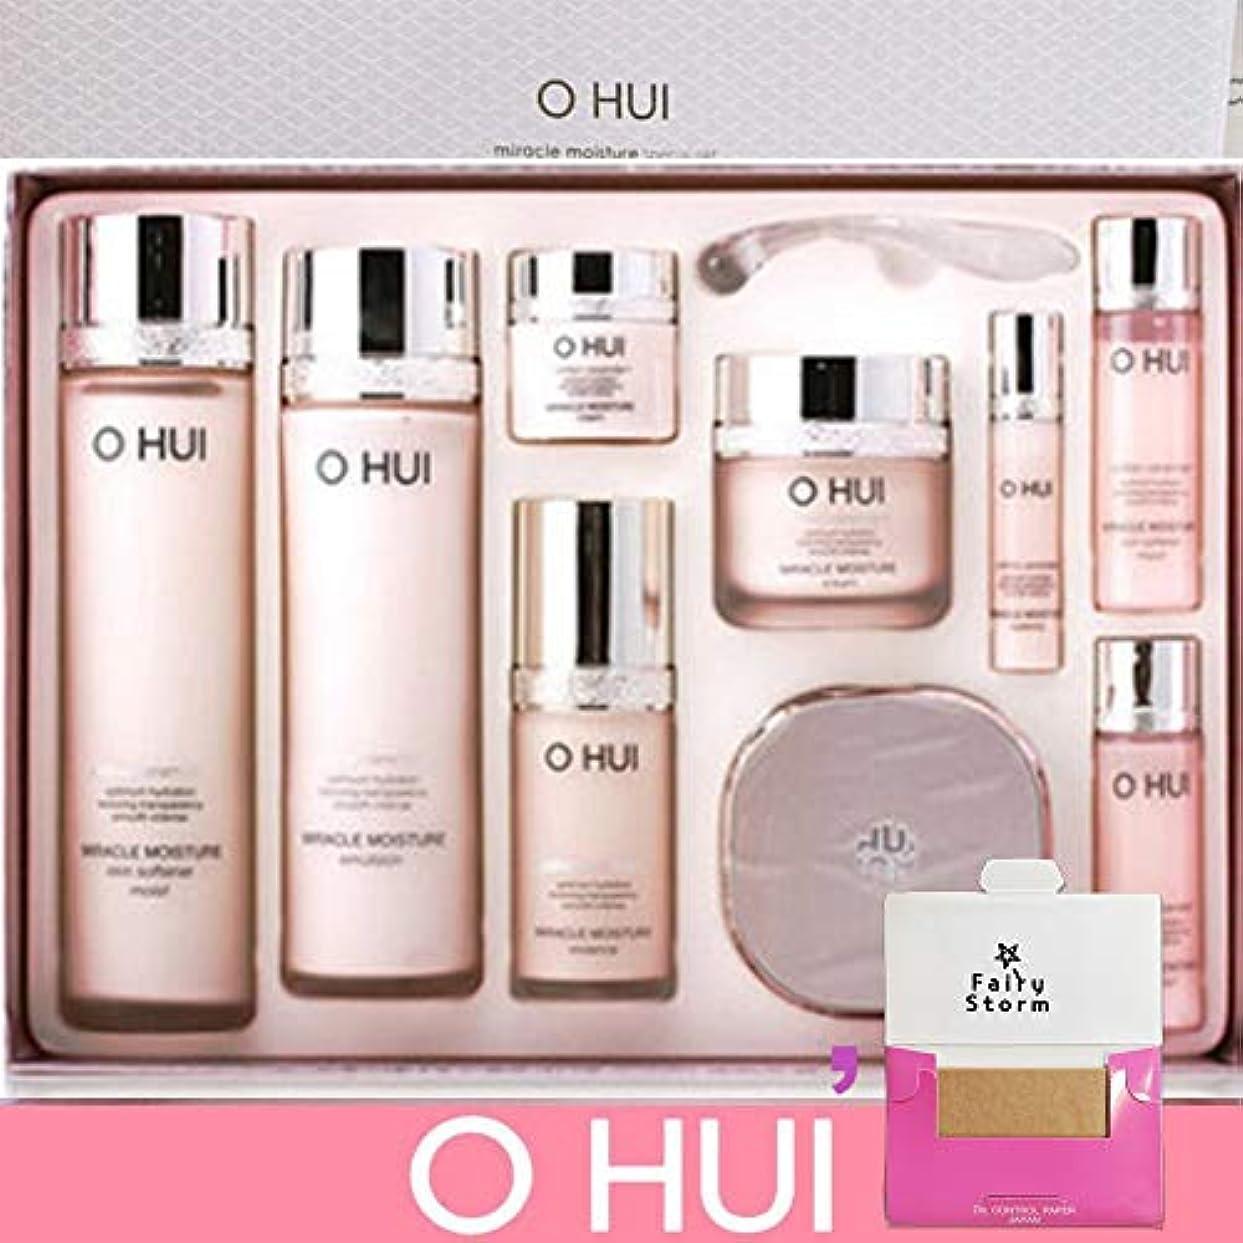 寄稿者解体するコールド[オフィ/ O HUI]韓国化粧品 LG生活健康/ O HUI MIRACLE MOISTURE SPECIAL SET/ミラクルモイスチャー スペシャル 4種 企画セット + [Sample Gift](海外直送品)